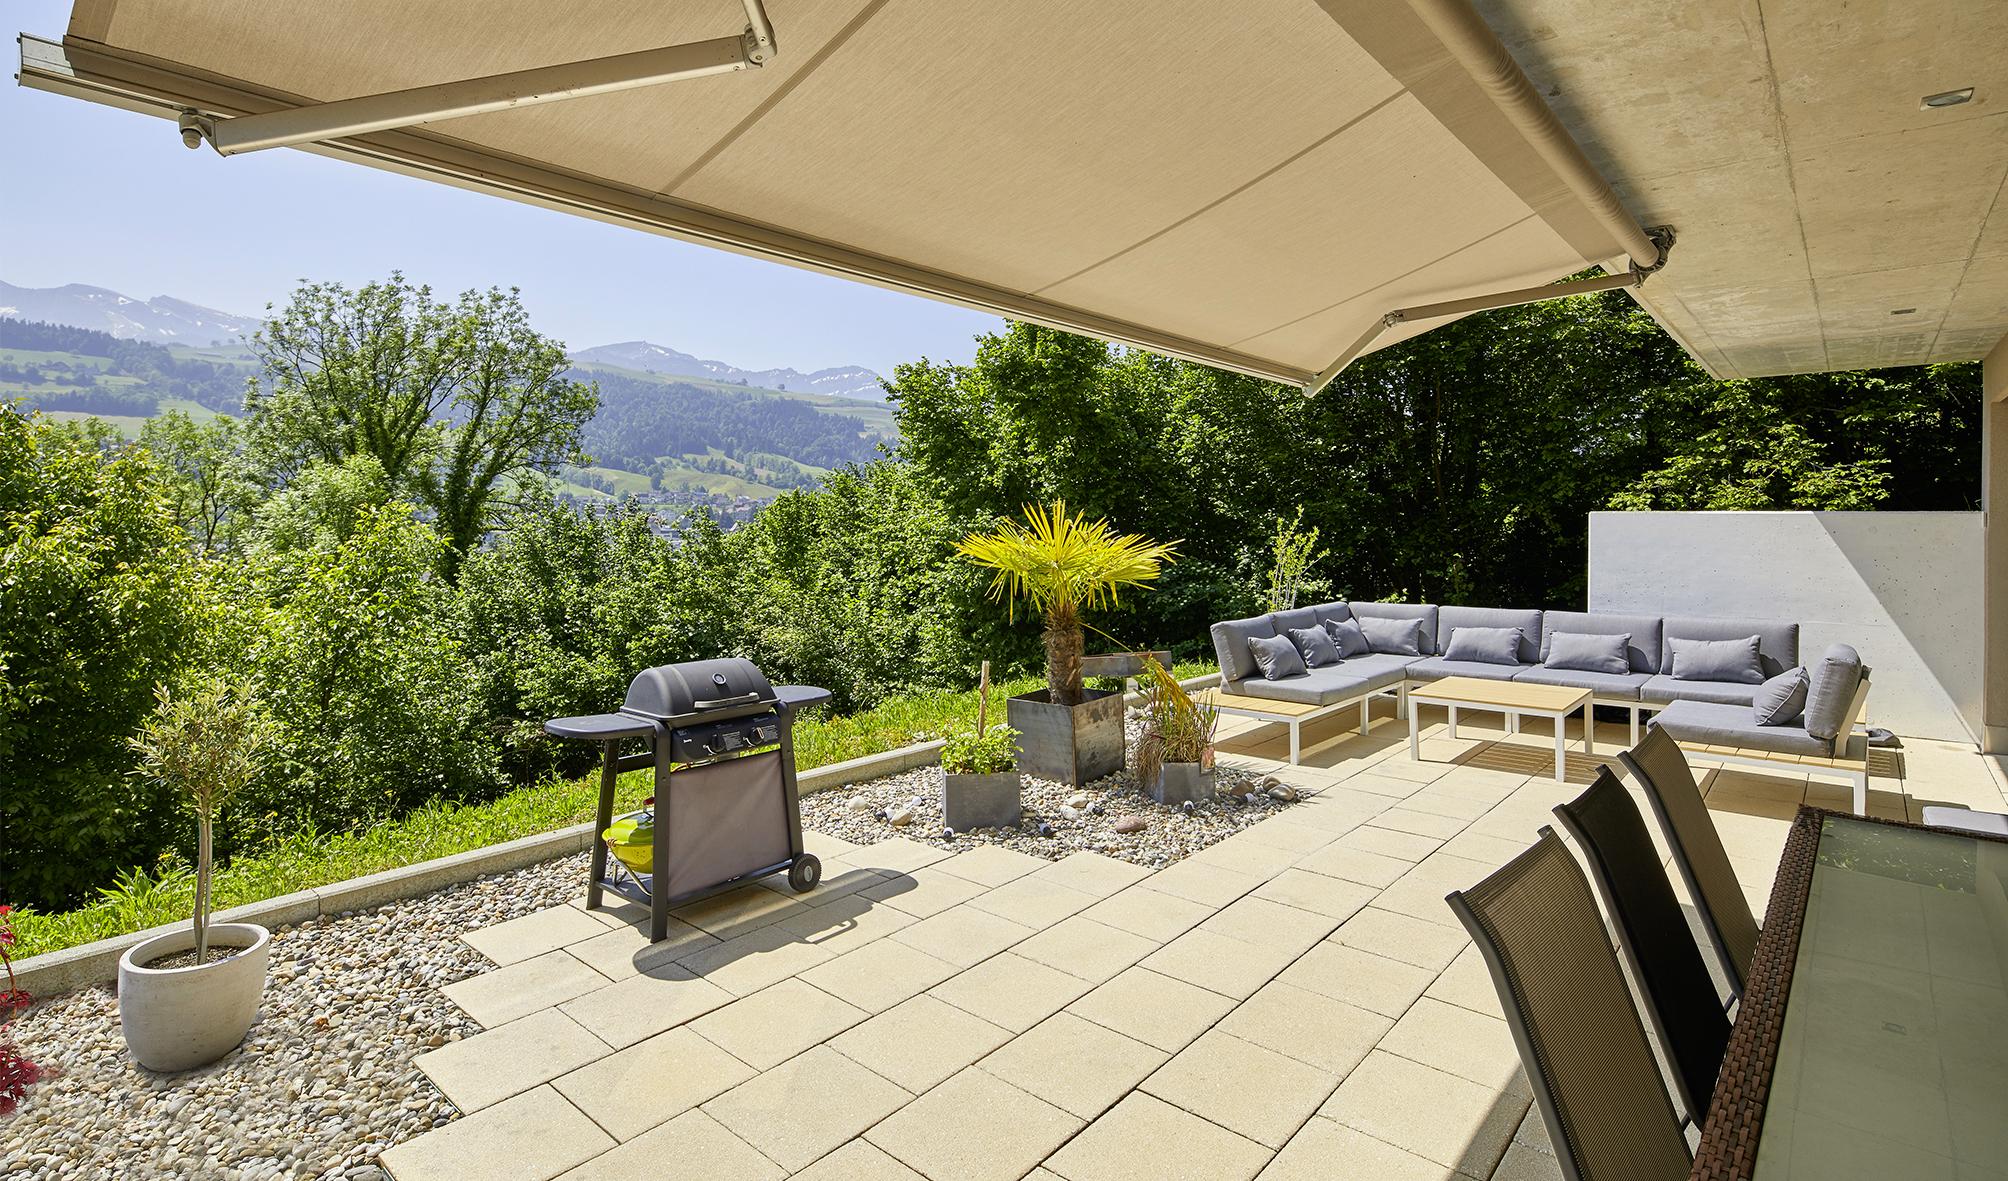 Anlageobjekt – Terrassenwohnung mit Blick in die Natur und die Berge